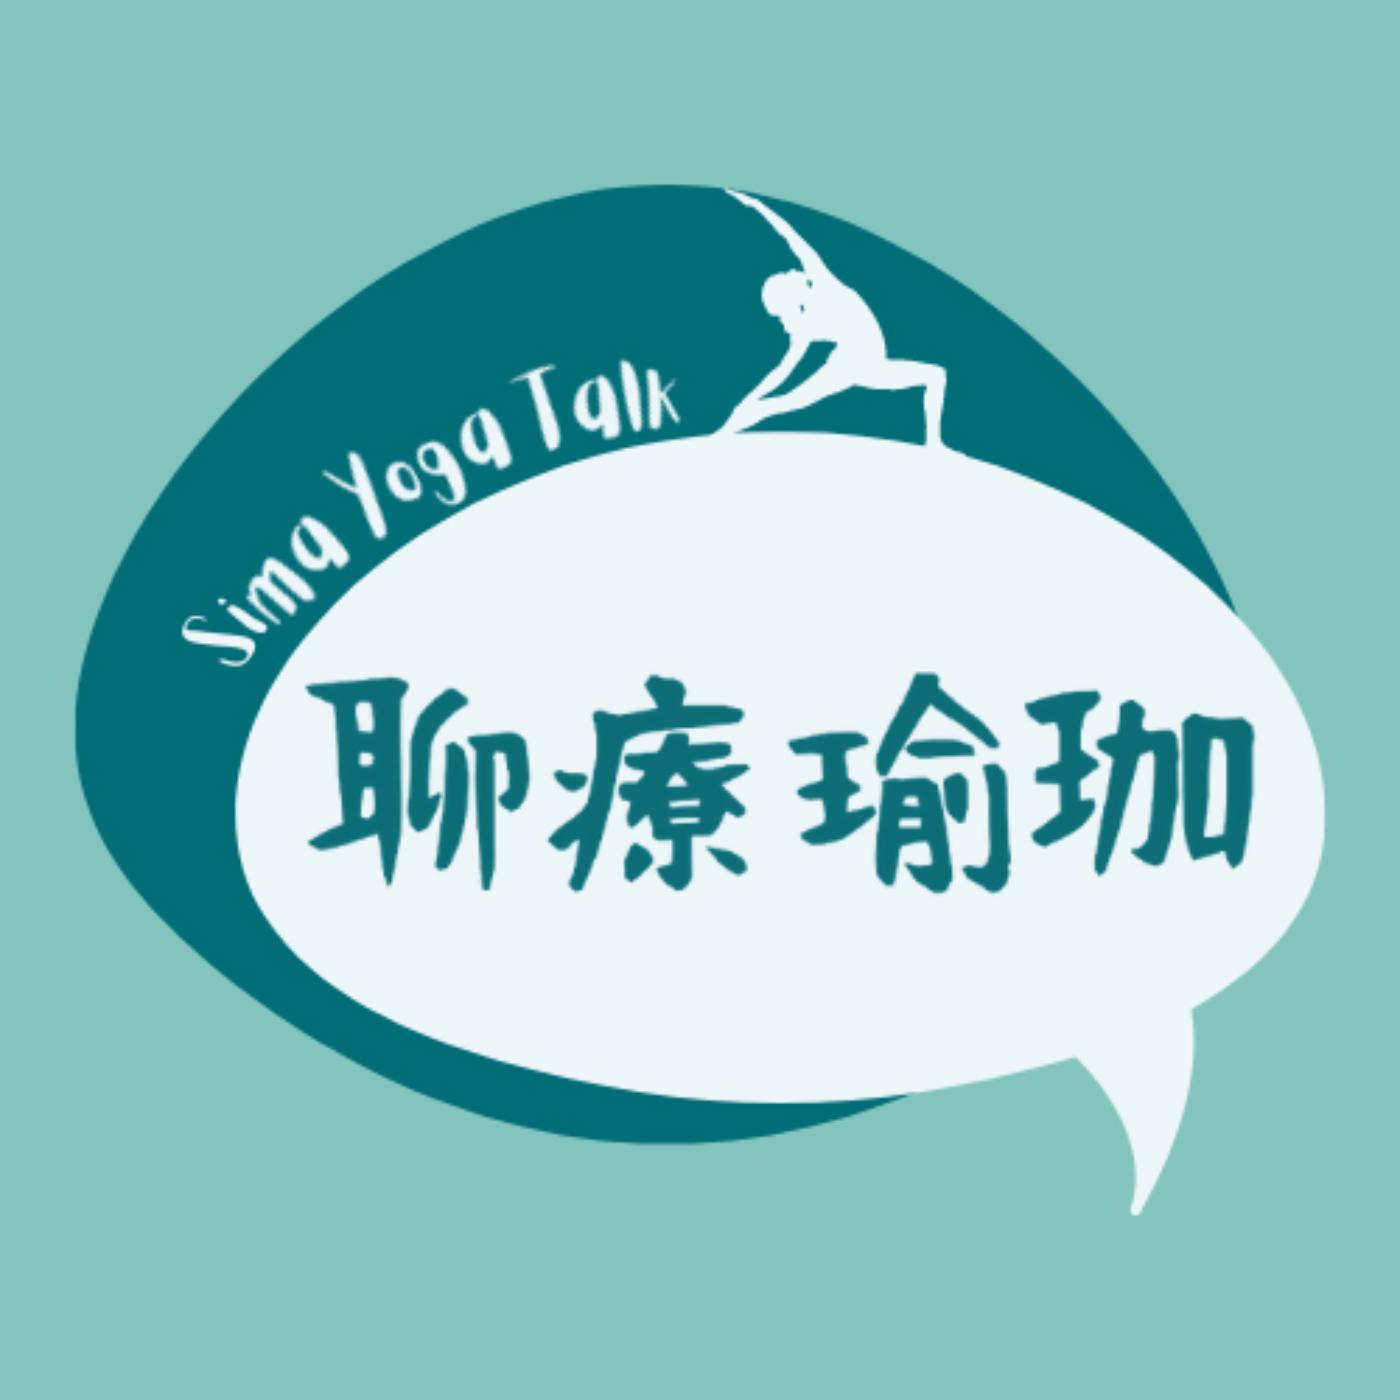 #43 正念飲食(II):為什麼忍不住想吃?三大進食動機!